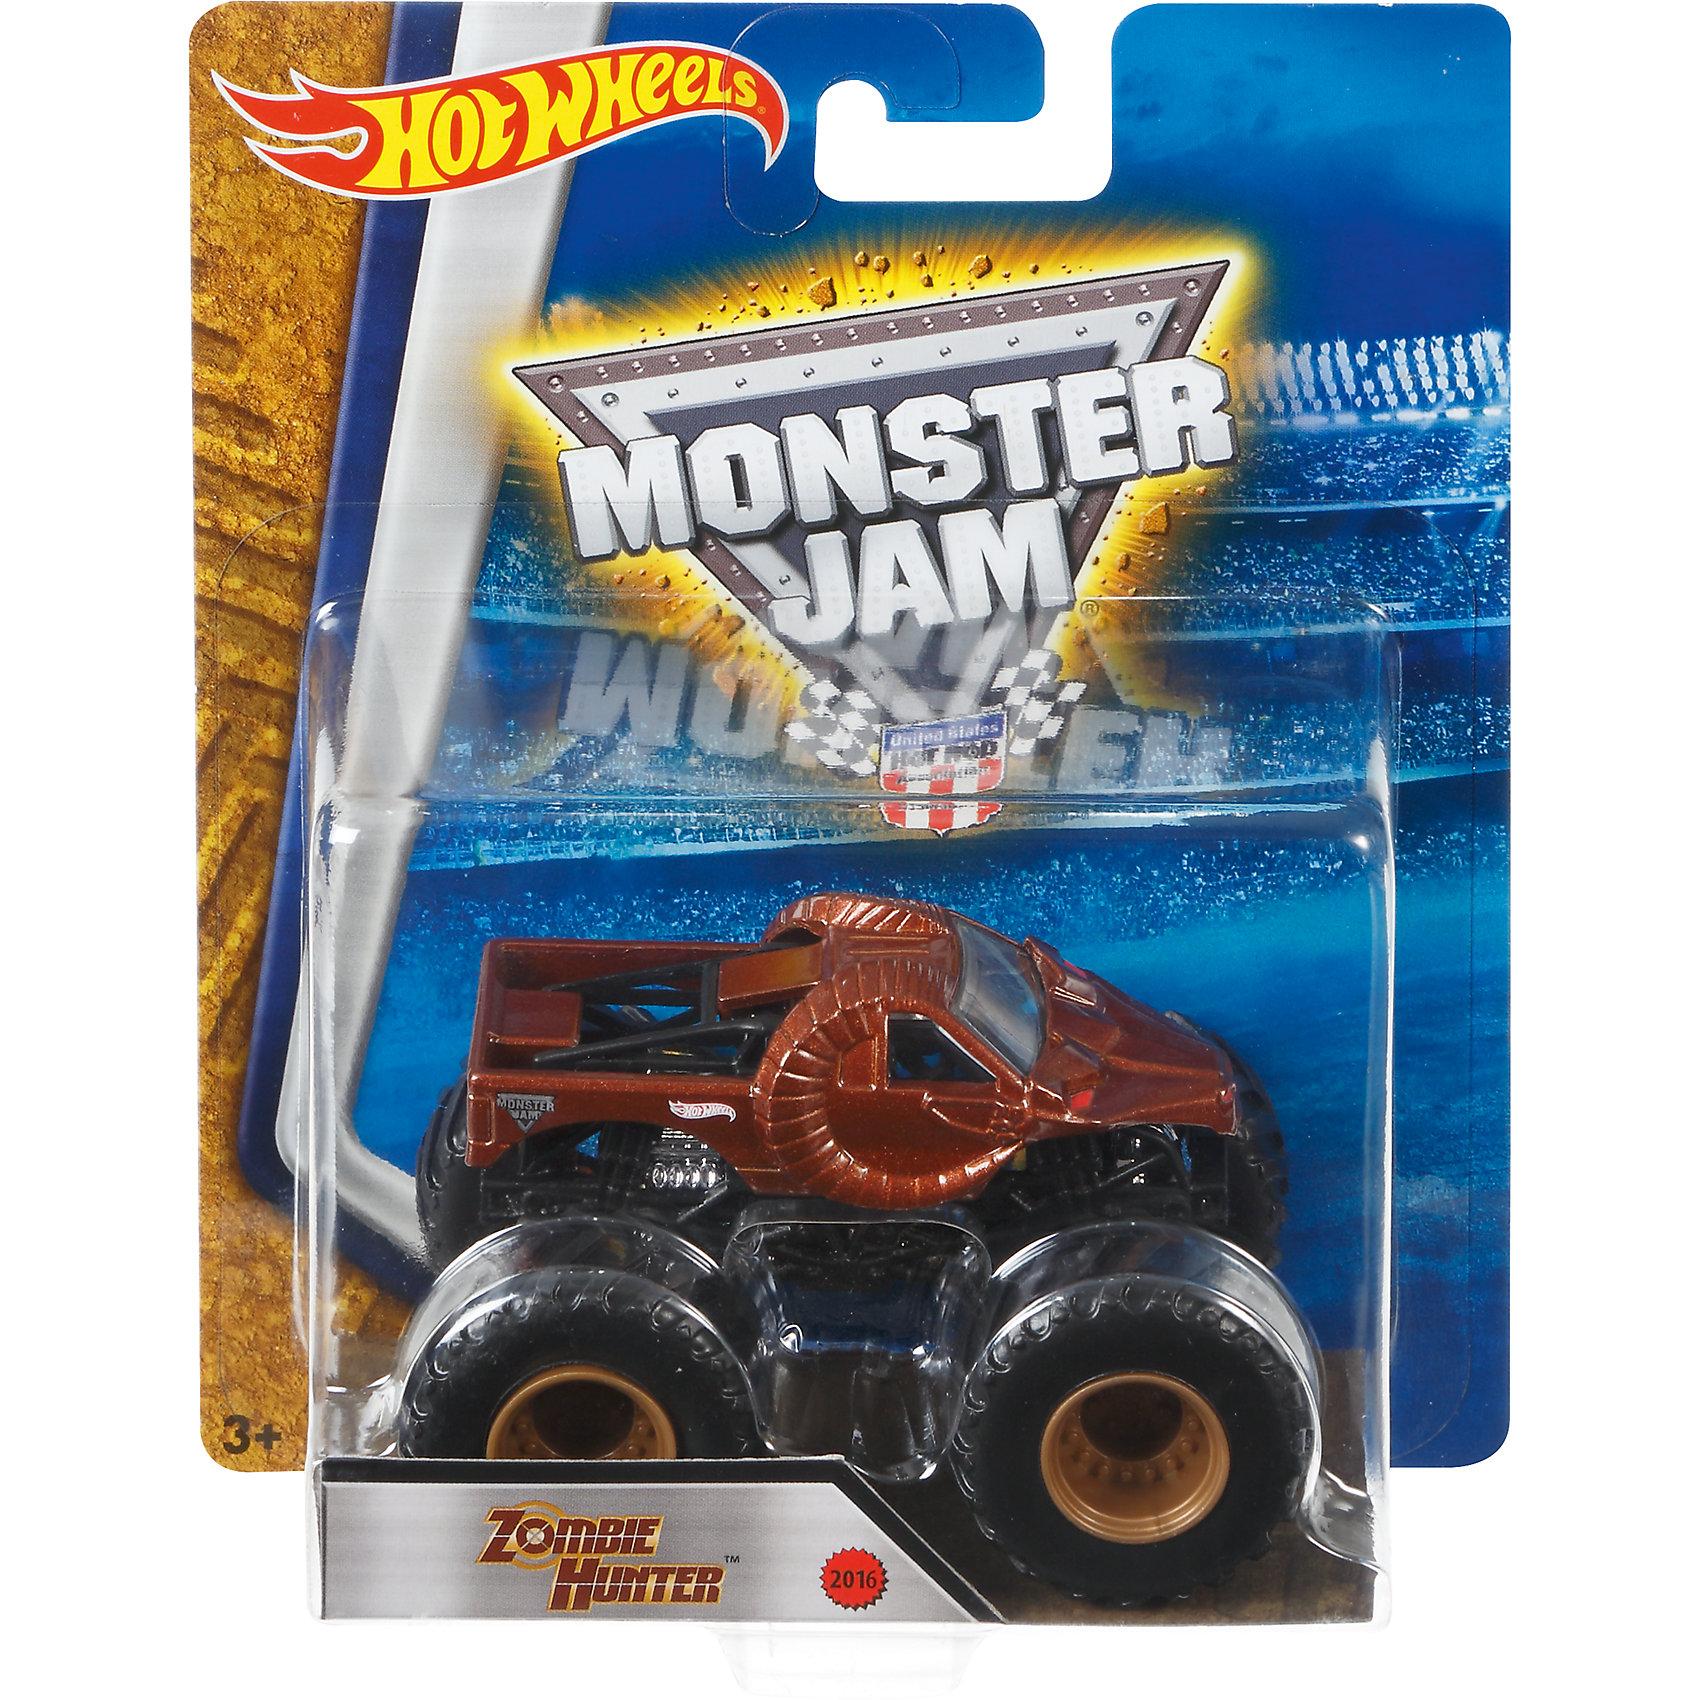 Машинка 1:64,  Monster Jam, Hot WheelsПопулярные игрушки<br>Характеристики игрушечной машинки Хот Вилс:<br><br>• серия: Monster Jam;<br>• масштаб: 1:64;<br>• литой корпус;<br>• хромированные диски;<br>• проходимость колес; <br>• длина машинки: 8,5 см;<br>• размер упаковки: 17,5х14х7,5 см;<br>• вес в упаковке: 115 г.<br><br>Игрушечная модель машинки Hot Wheels на мощных колесах большого диаметра отличается высокой проходимостью, претендует на первенство в гонках, имеет литой корпус. Комбинированное использования пластика и металла делает машинку прочной и устойчивой к ударам и падениям. Тюнинг трюкового внедорожника Monster Jam соответствует пожеланиям юных коллекционеров линейки автомобилей Hot Wheels. <br><br>Машинку 1:64, Monster Jam, Hot Wheels можно купить в нашем интернет-магазине.<br><br>Ширина мм: 65<br>Глубина мм: 140<br>Высота мм: 175<br>Вес г: 130<br>Возраст от месяцев: 36<br>Возраст до месяцев: 84<br>Пол: Мужской<br>Возраст: Детский<br>SKU: 5285003